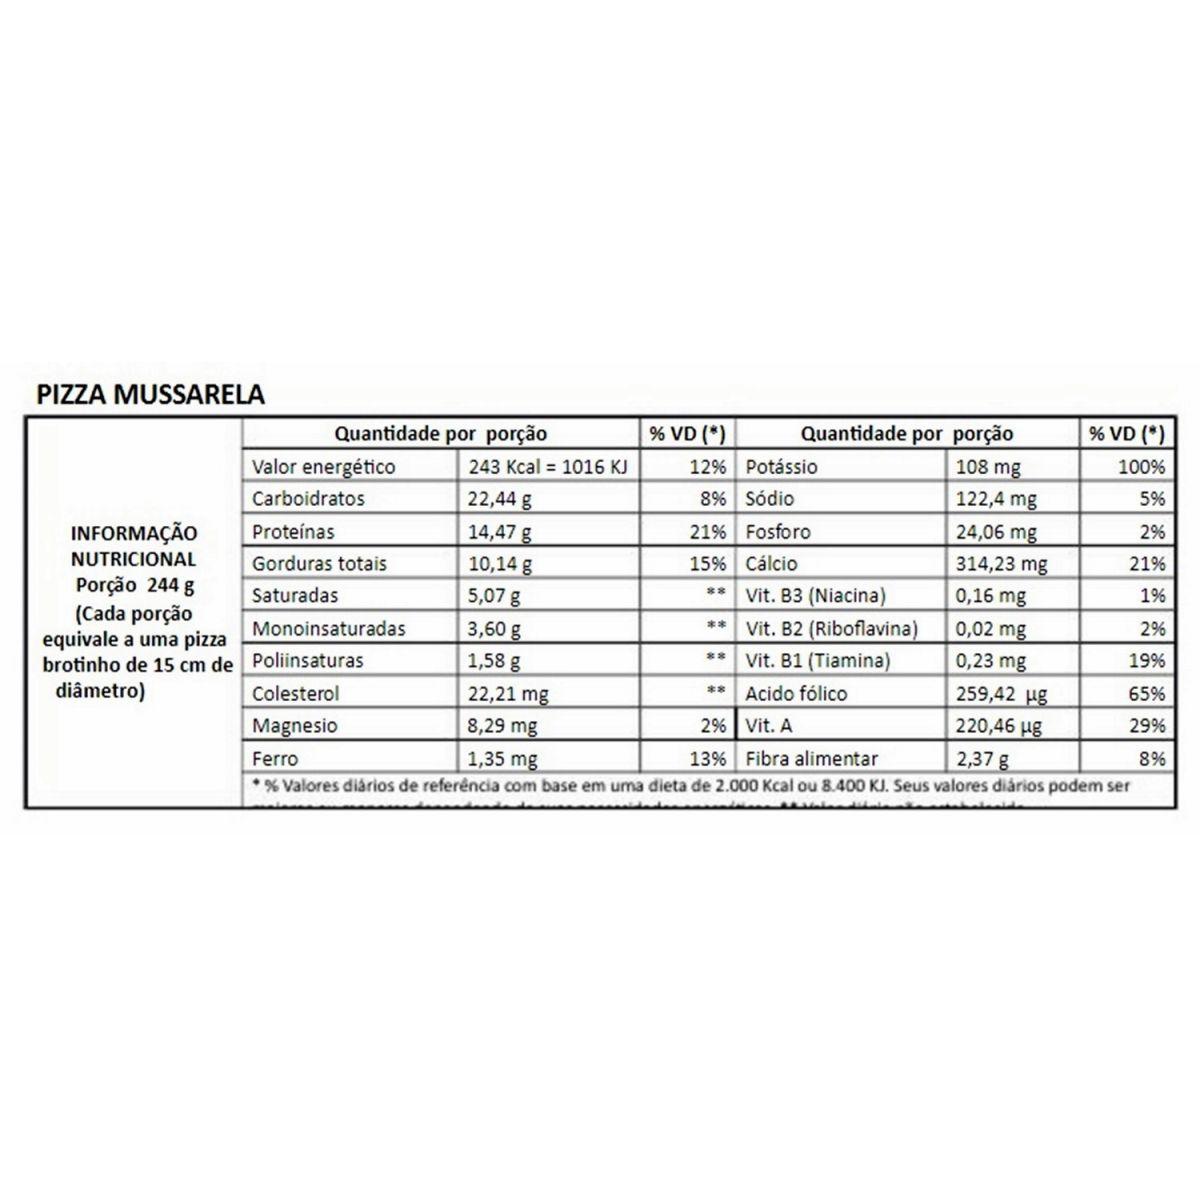 ETIQUETAS NUTRICIONAIS P/PIZZAS E AFINS  - Fórum de Pizzas Vendas online